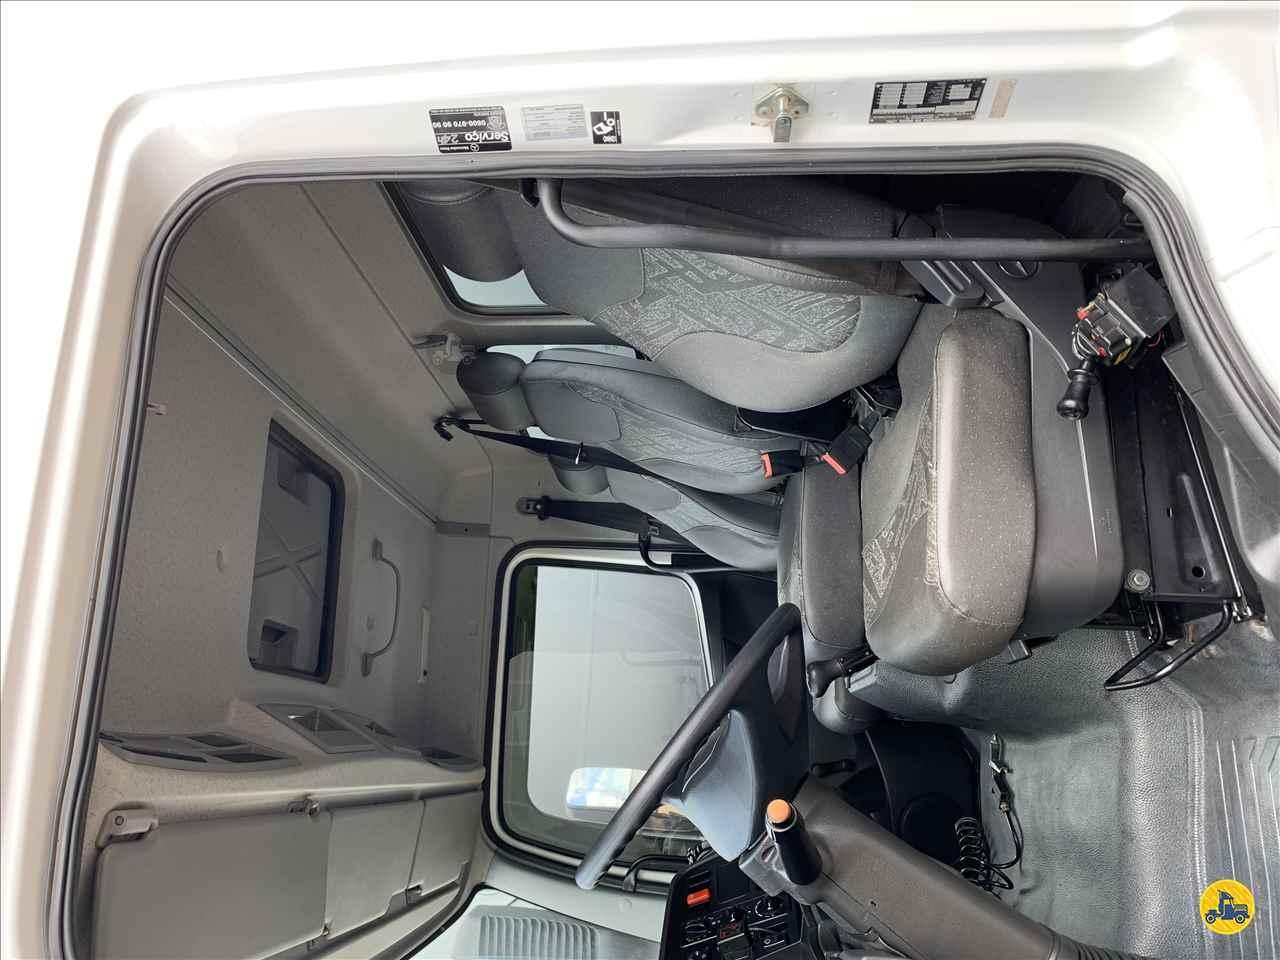 MERCEDES-BENZ MB 1719 99000km 2014/2014 MacTruck